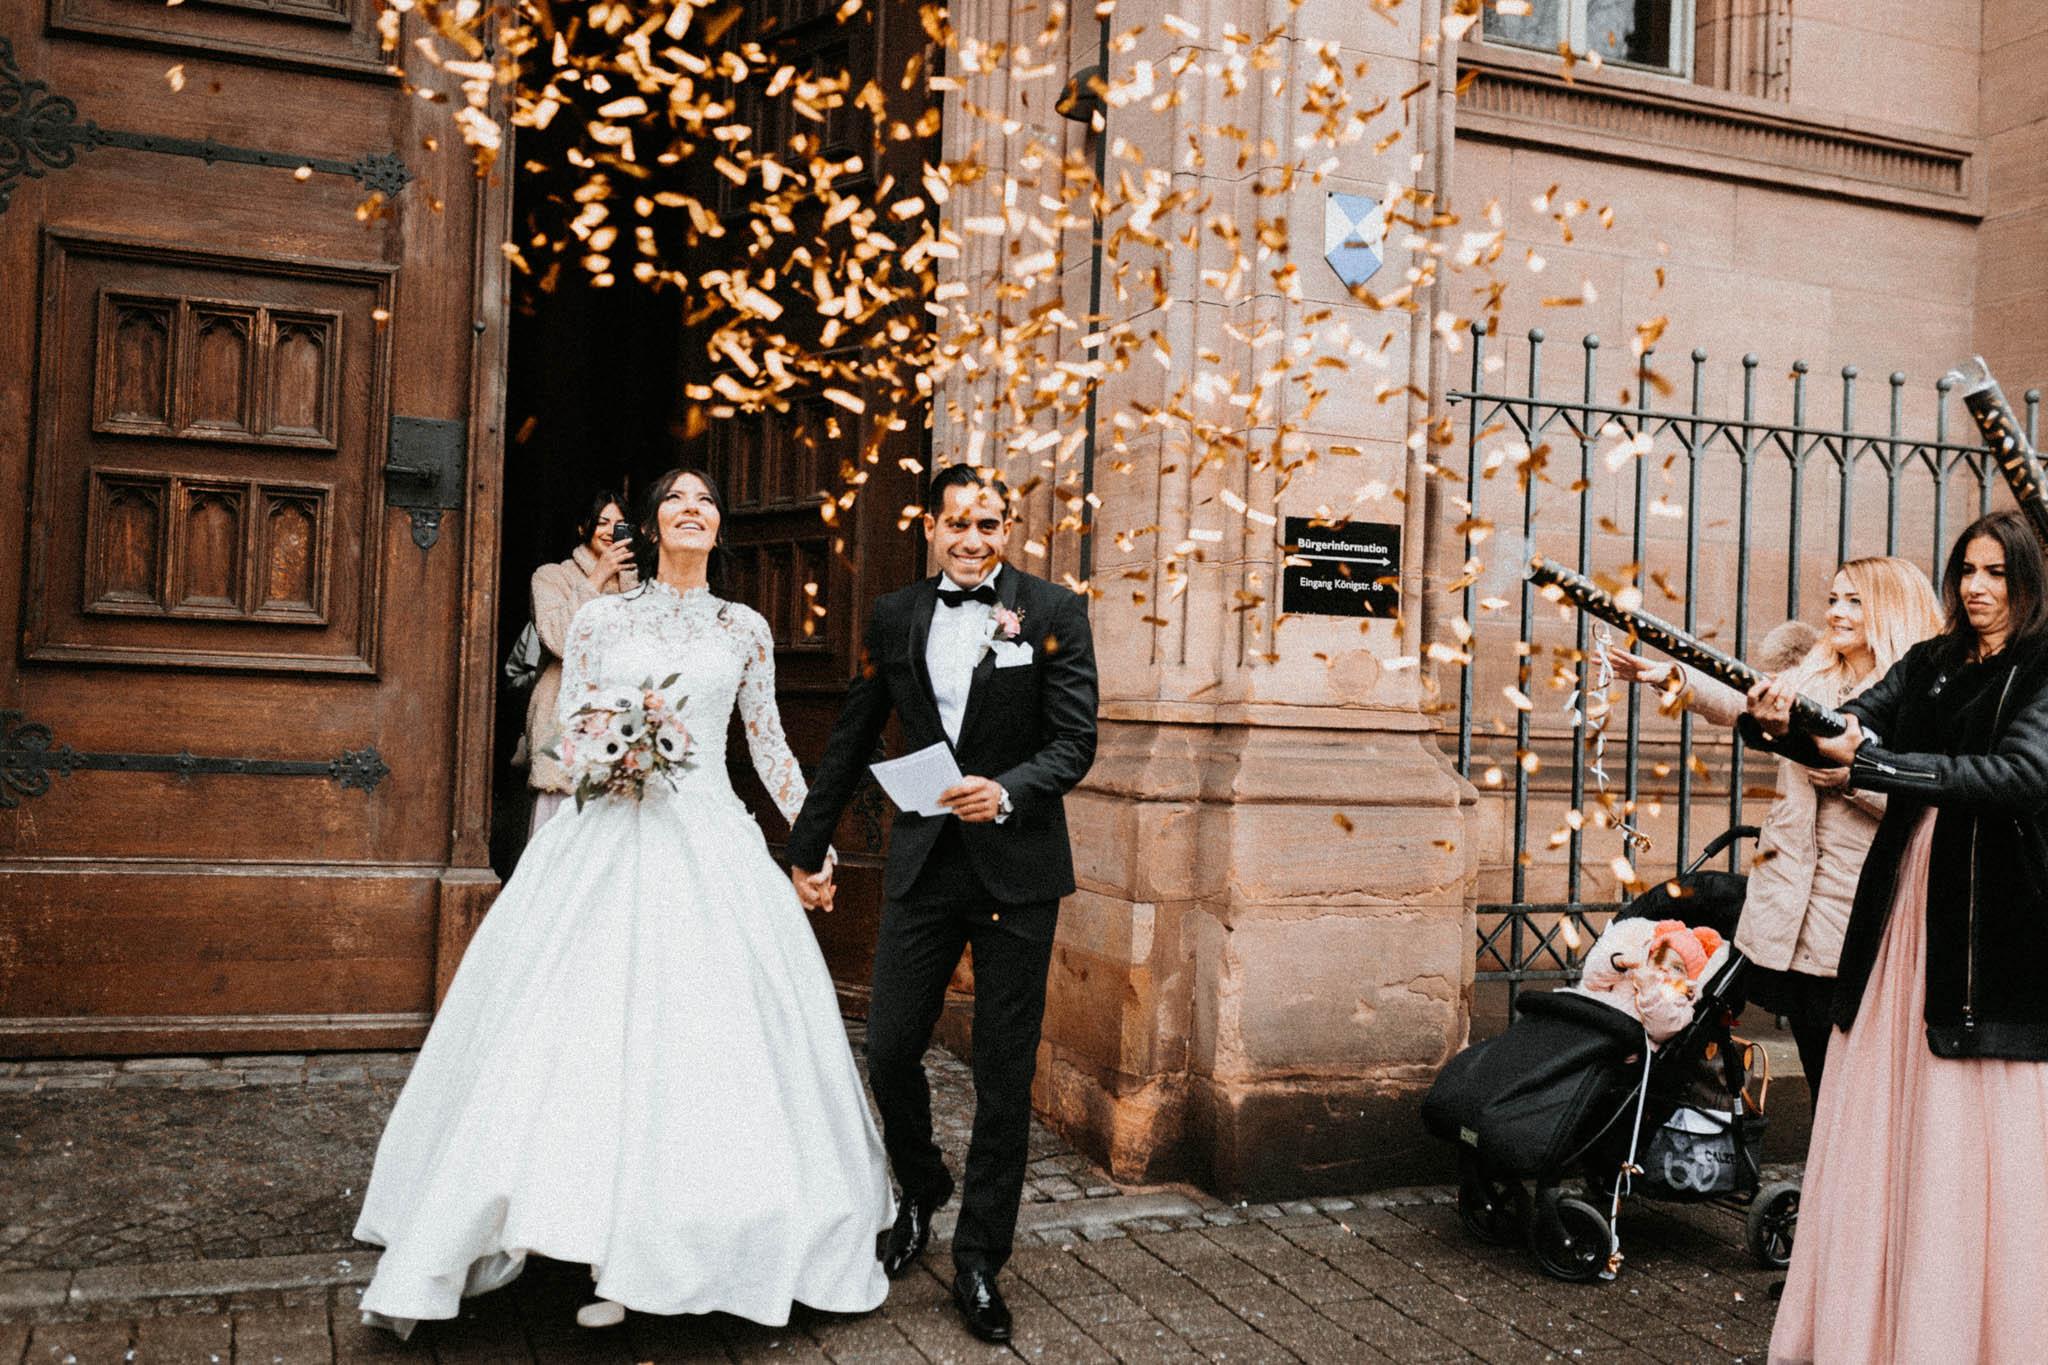 In-Love-with-a-Wolf-Hochzeit-Hochzeitsfotograf-Nürnberg-Erlangen-Roth-München-75.jpg